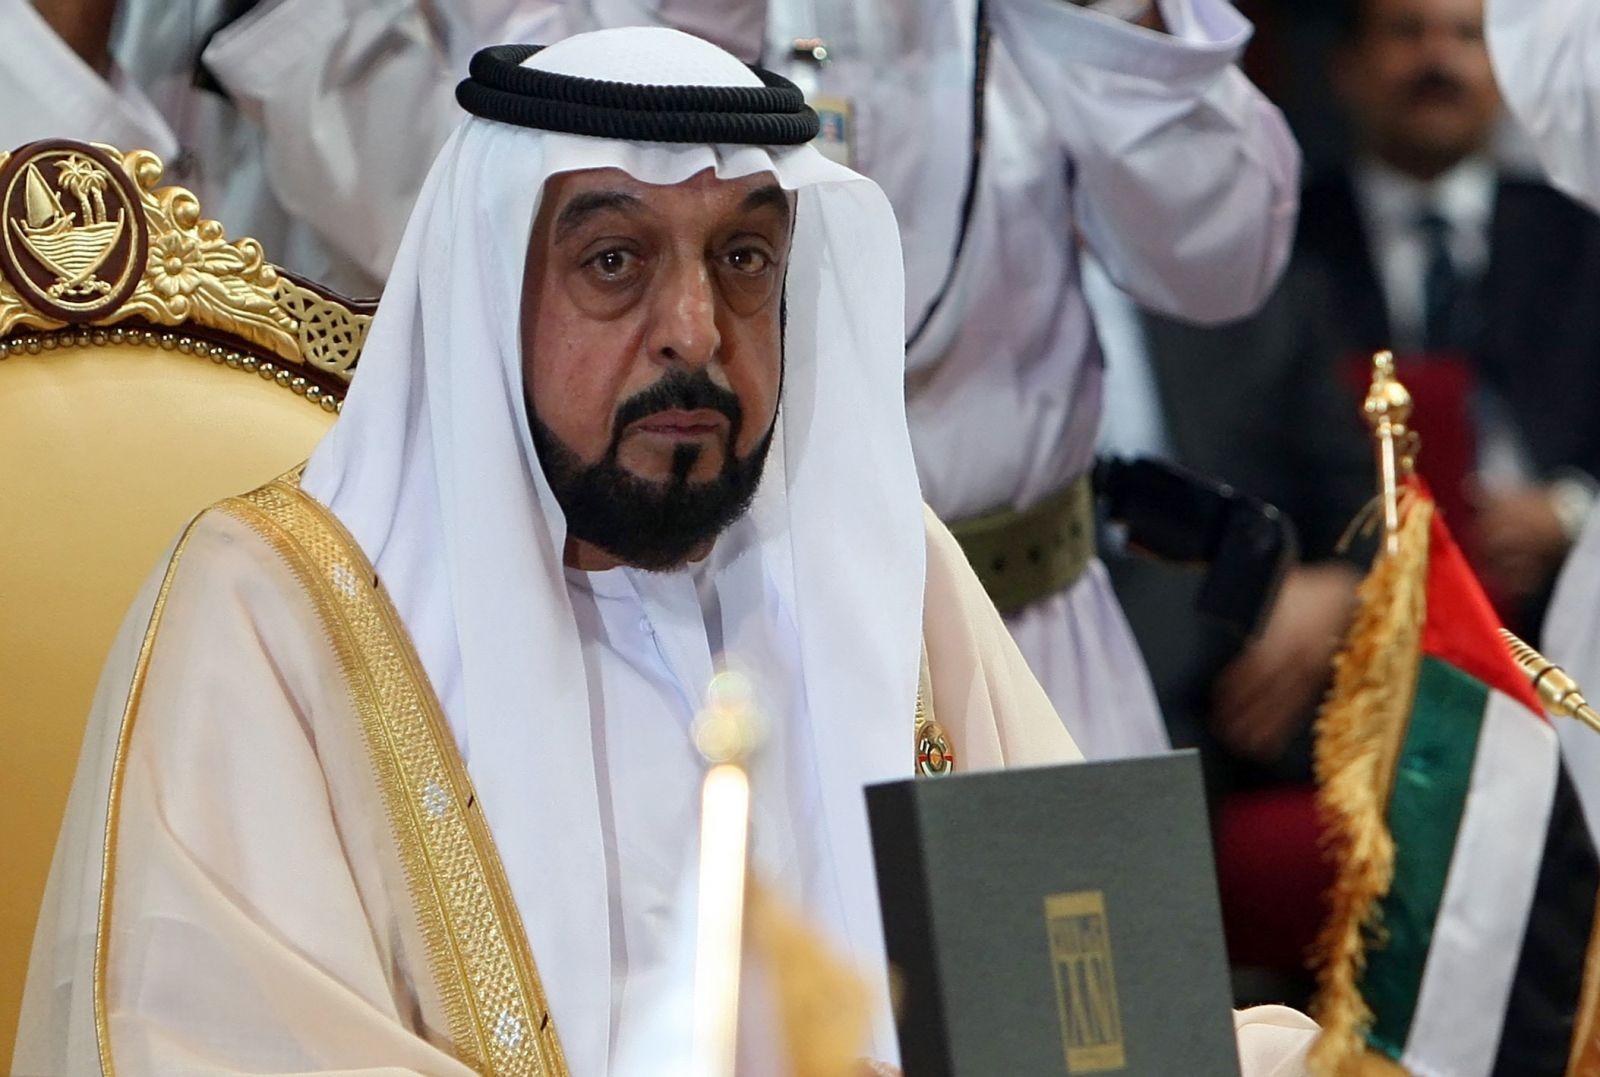 من هم الشخصيات الذين هنئوا الإمارات بمناسبة شهر رمضان المبارك ؟